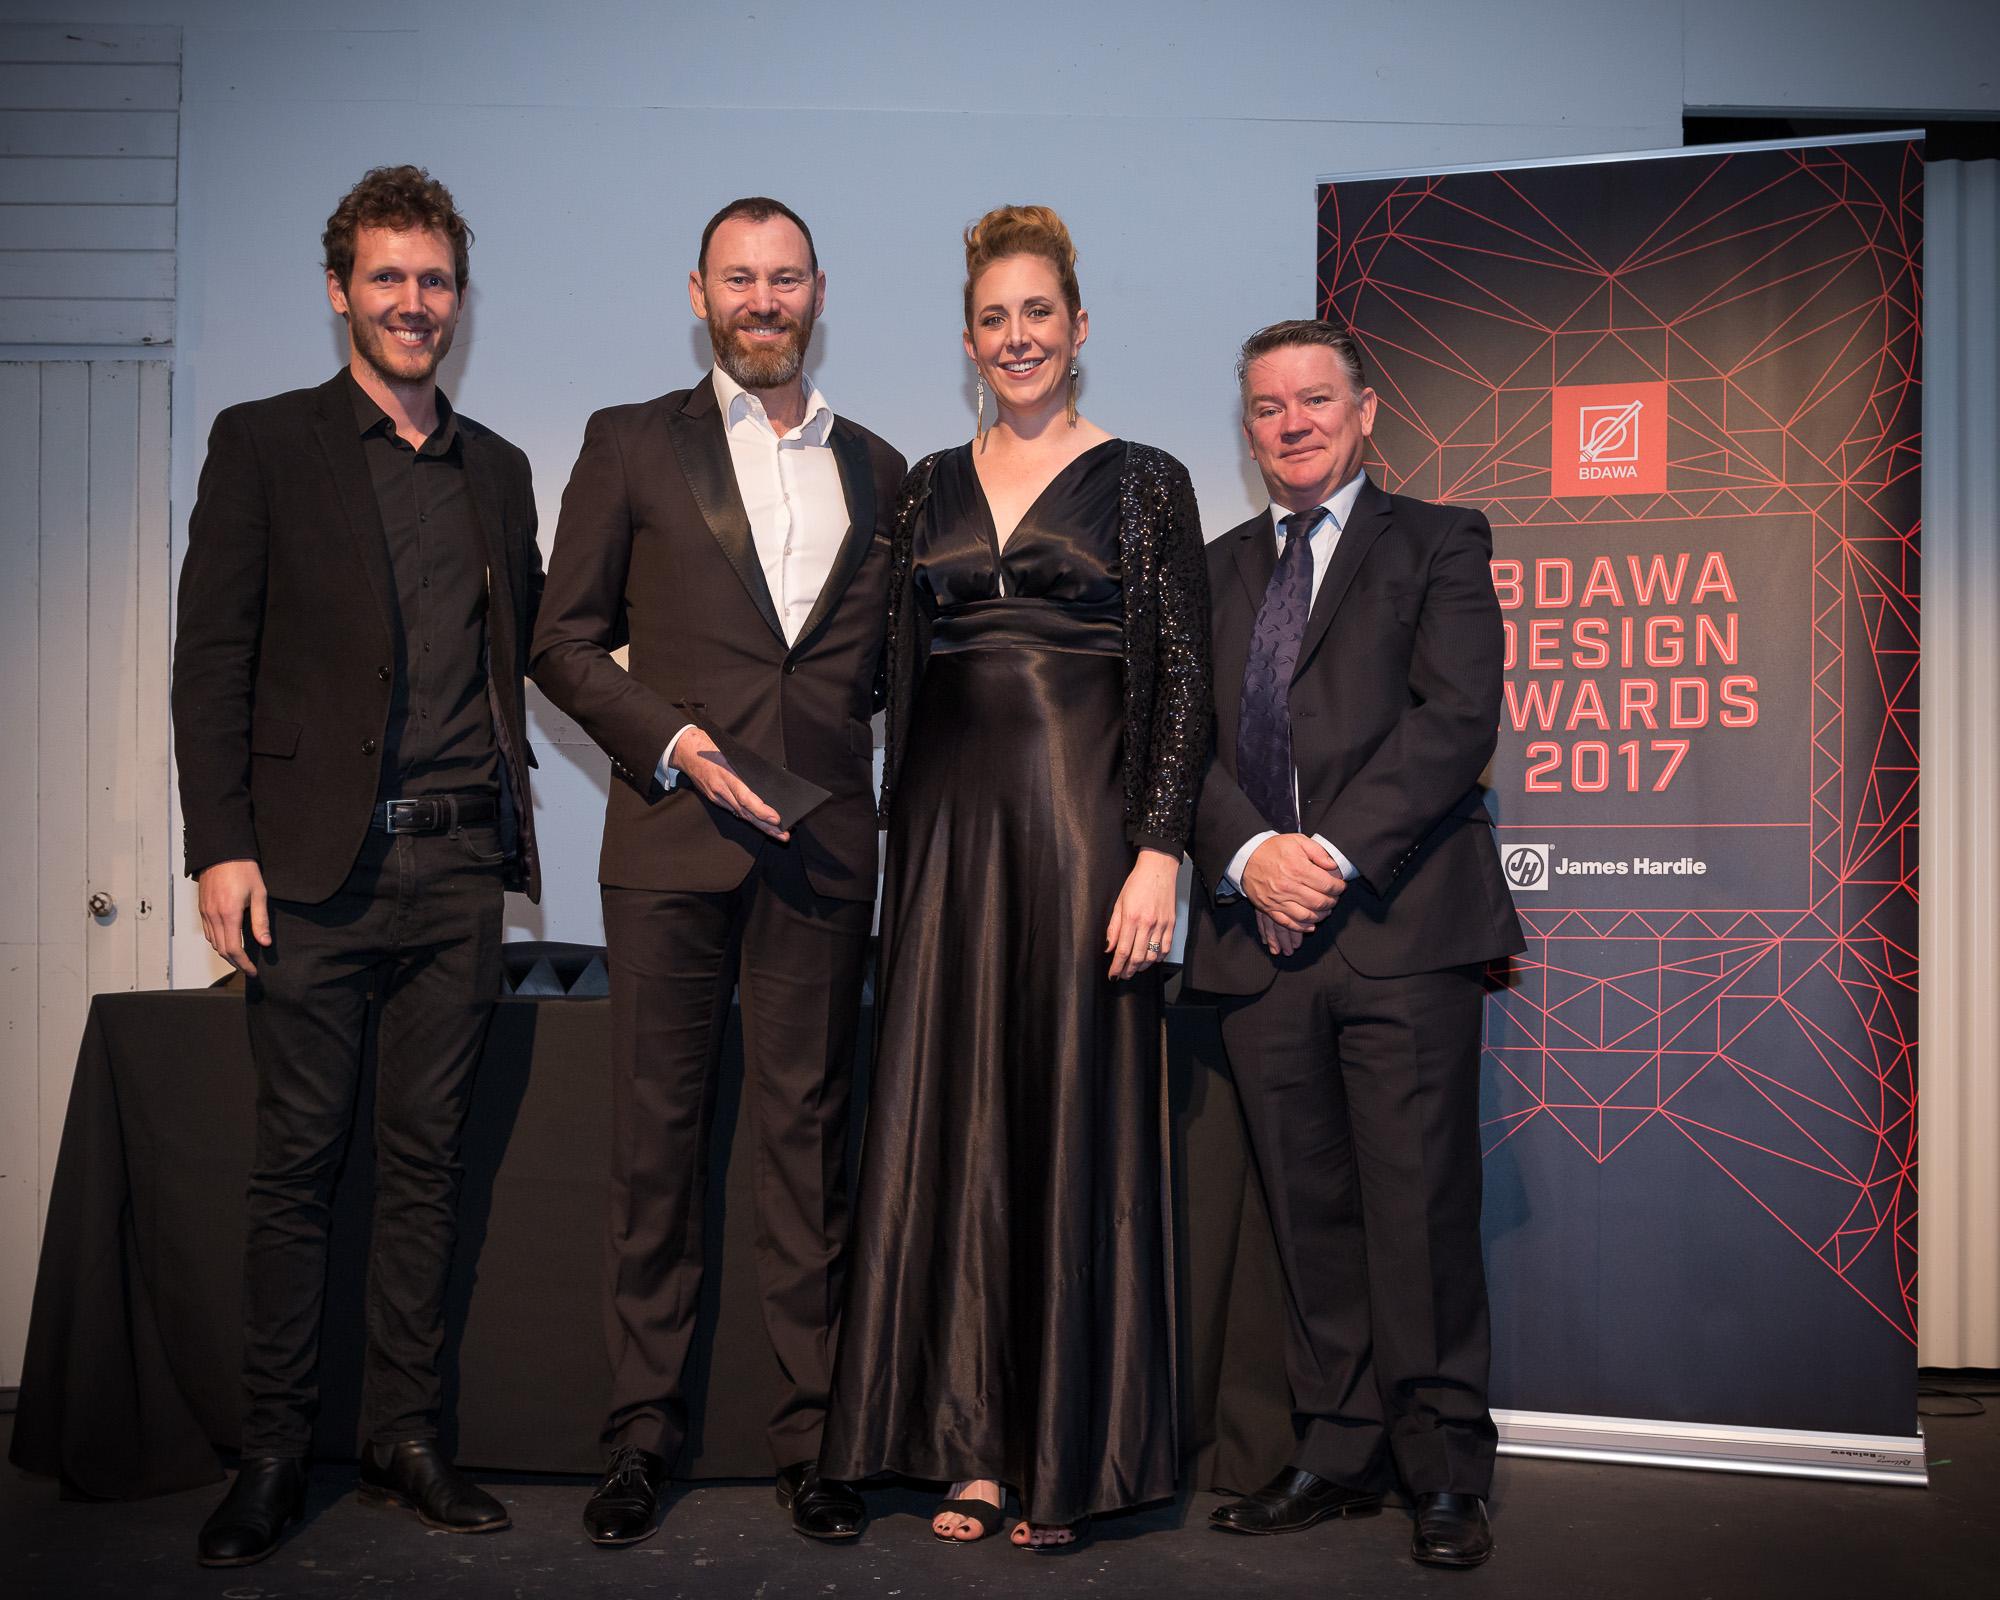 0151 BDA WA Awards 2017 _JHG7398.jpg